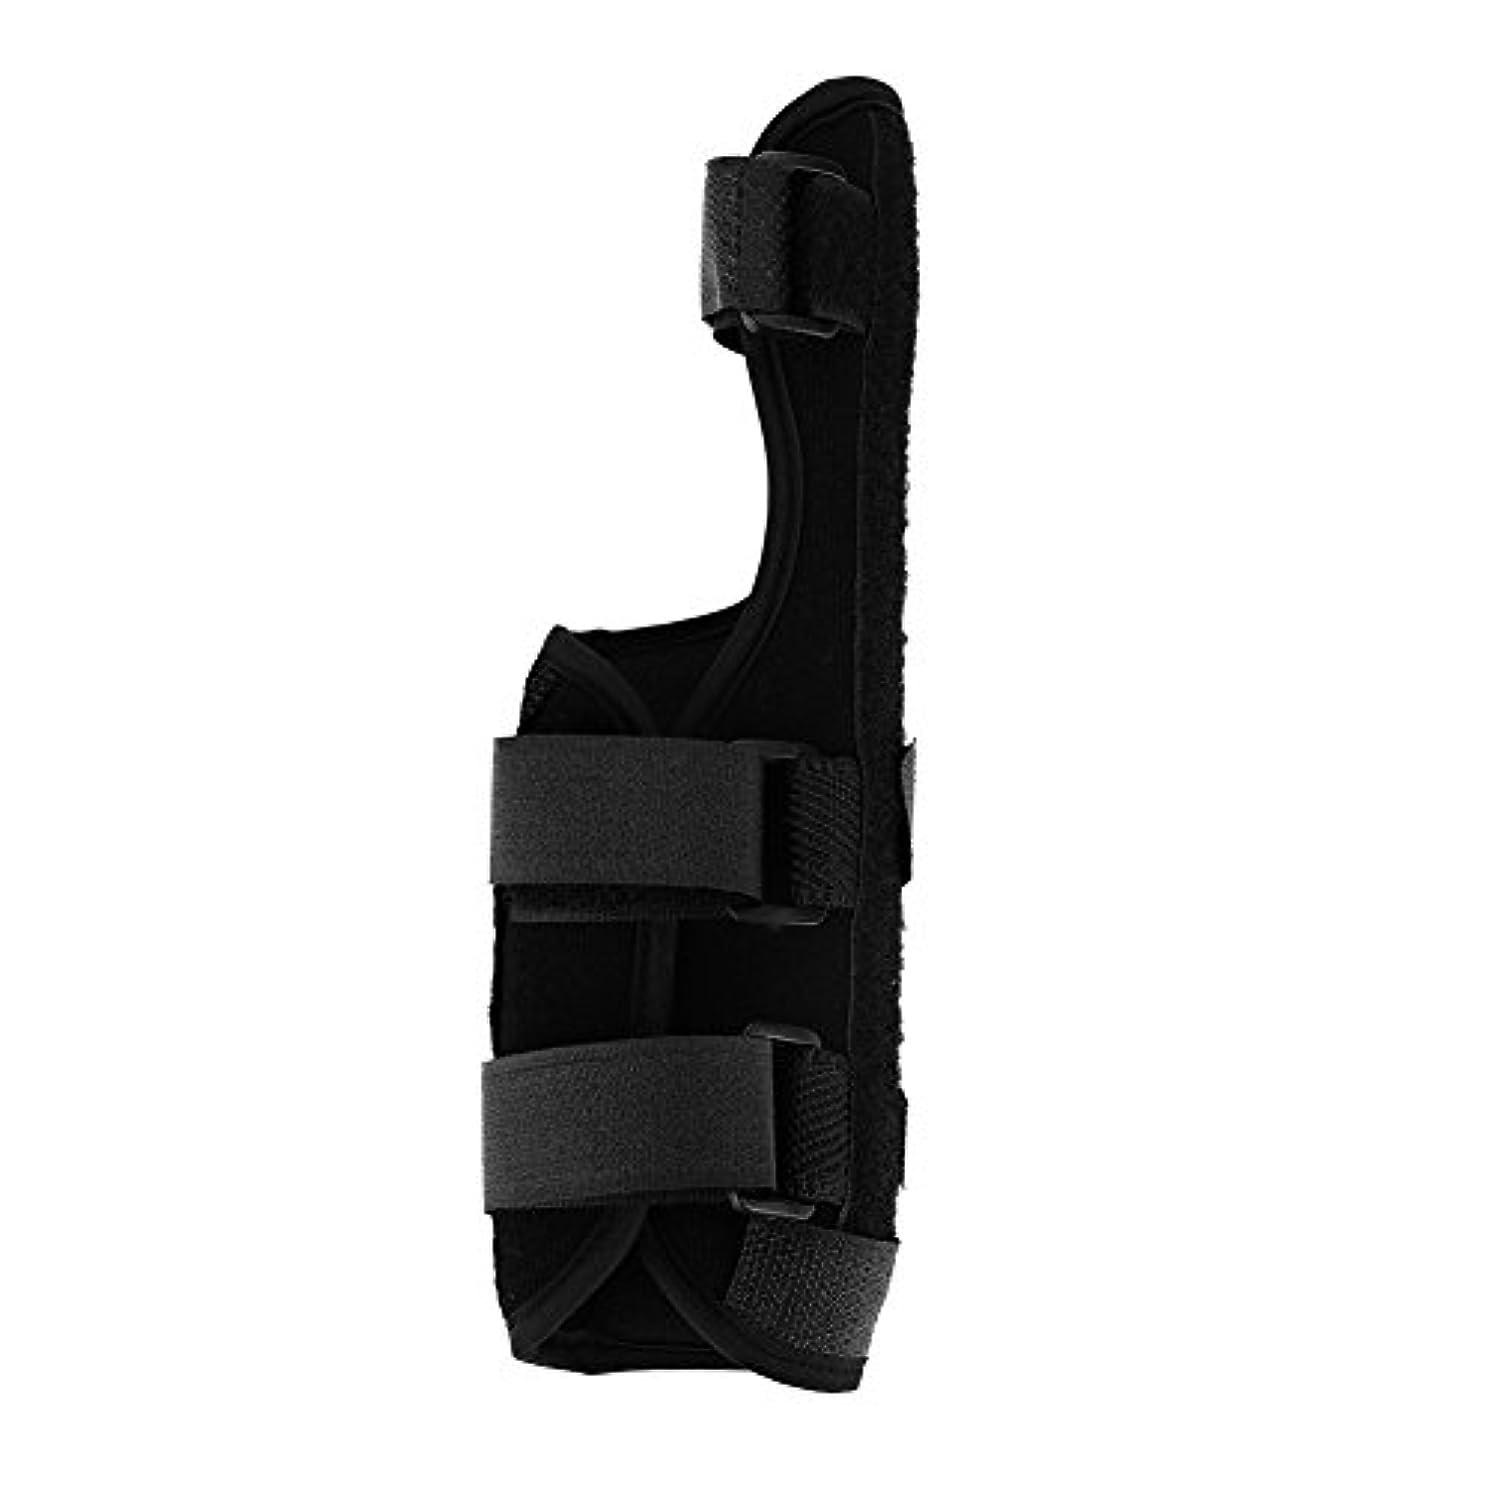 バター水曜日雨の高度な手首ブレース - 手根管手首副子。手根管症候群、手首の痛み、捻挫、RSI、関節炎の即時鎮痛に最適(IzquierdaS)